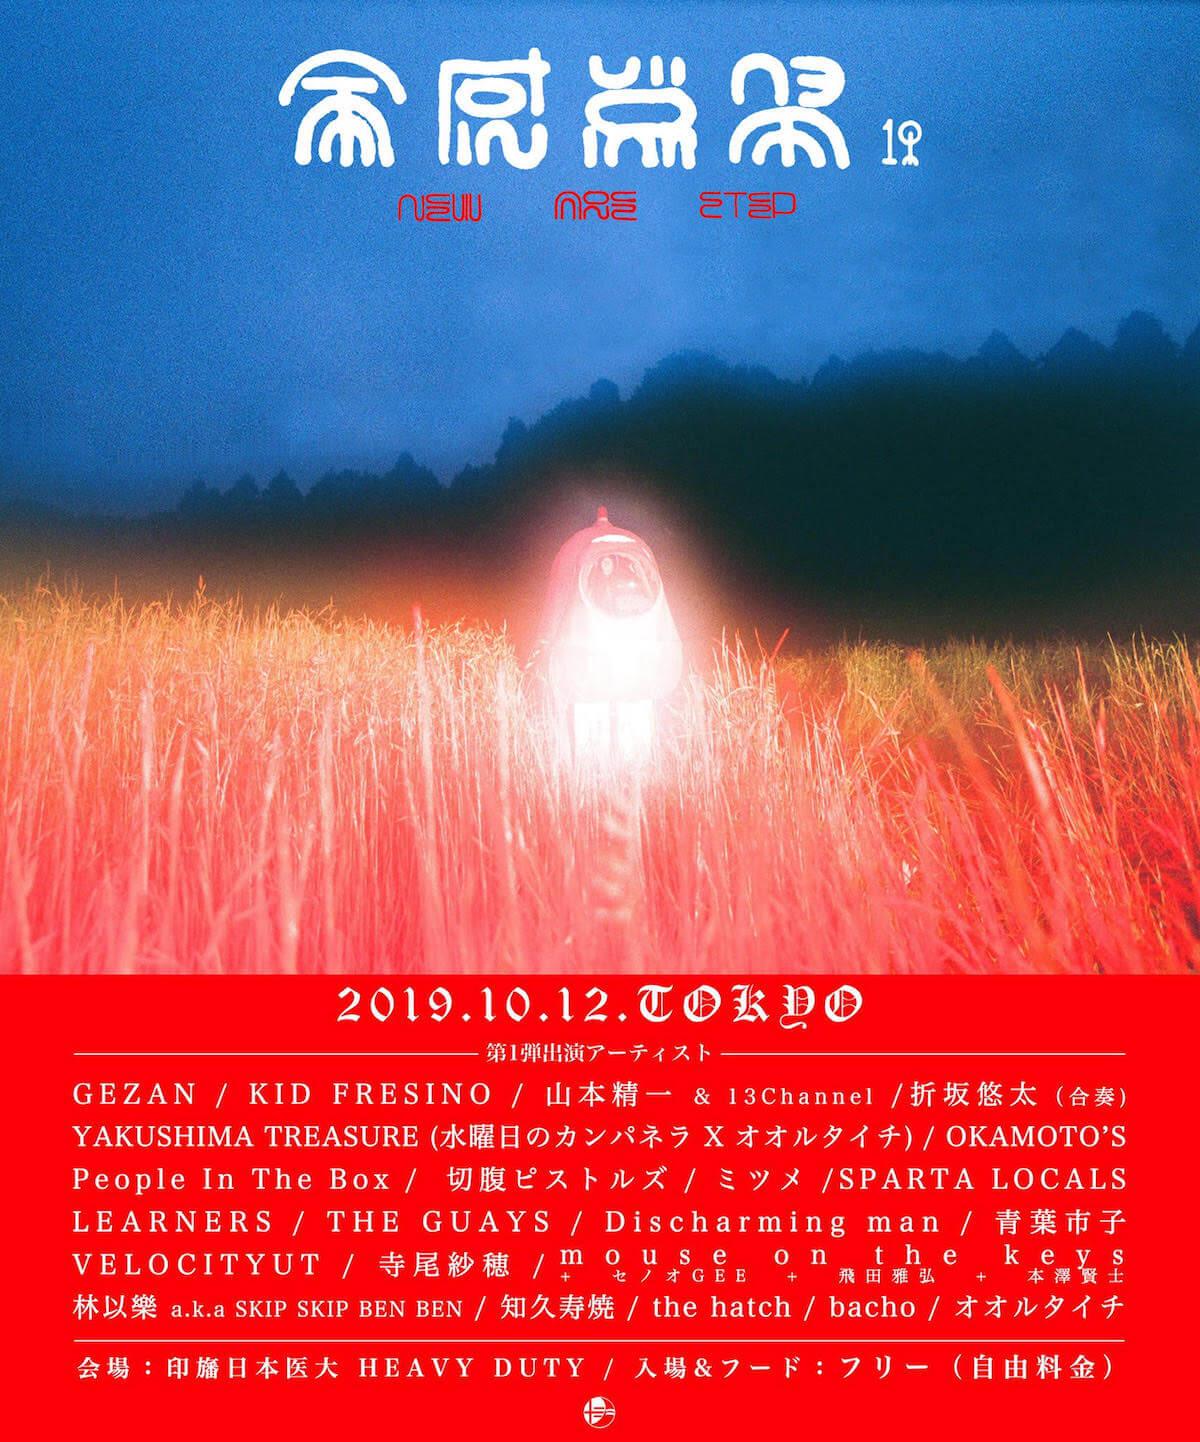 フェスレポート|GEZANが切り取る<FUJI ROCK FESTIVAL'19> music190823_gezan_zennkannkakusai_tokyo